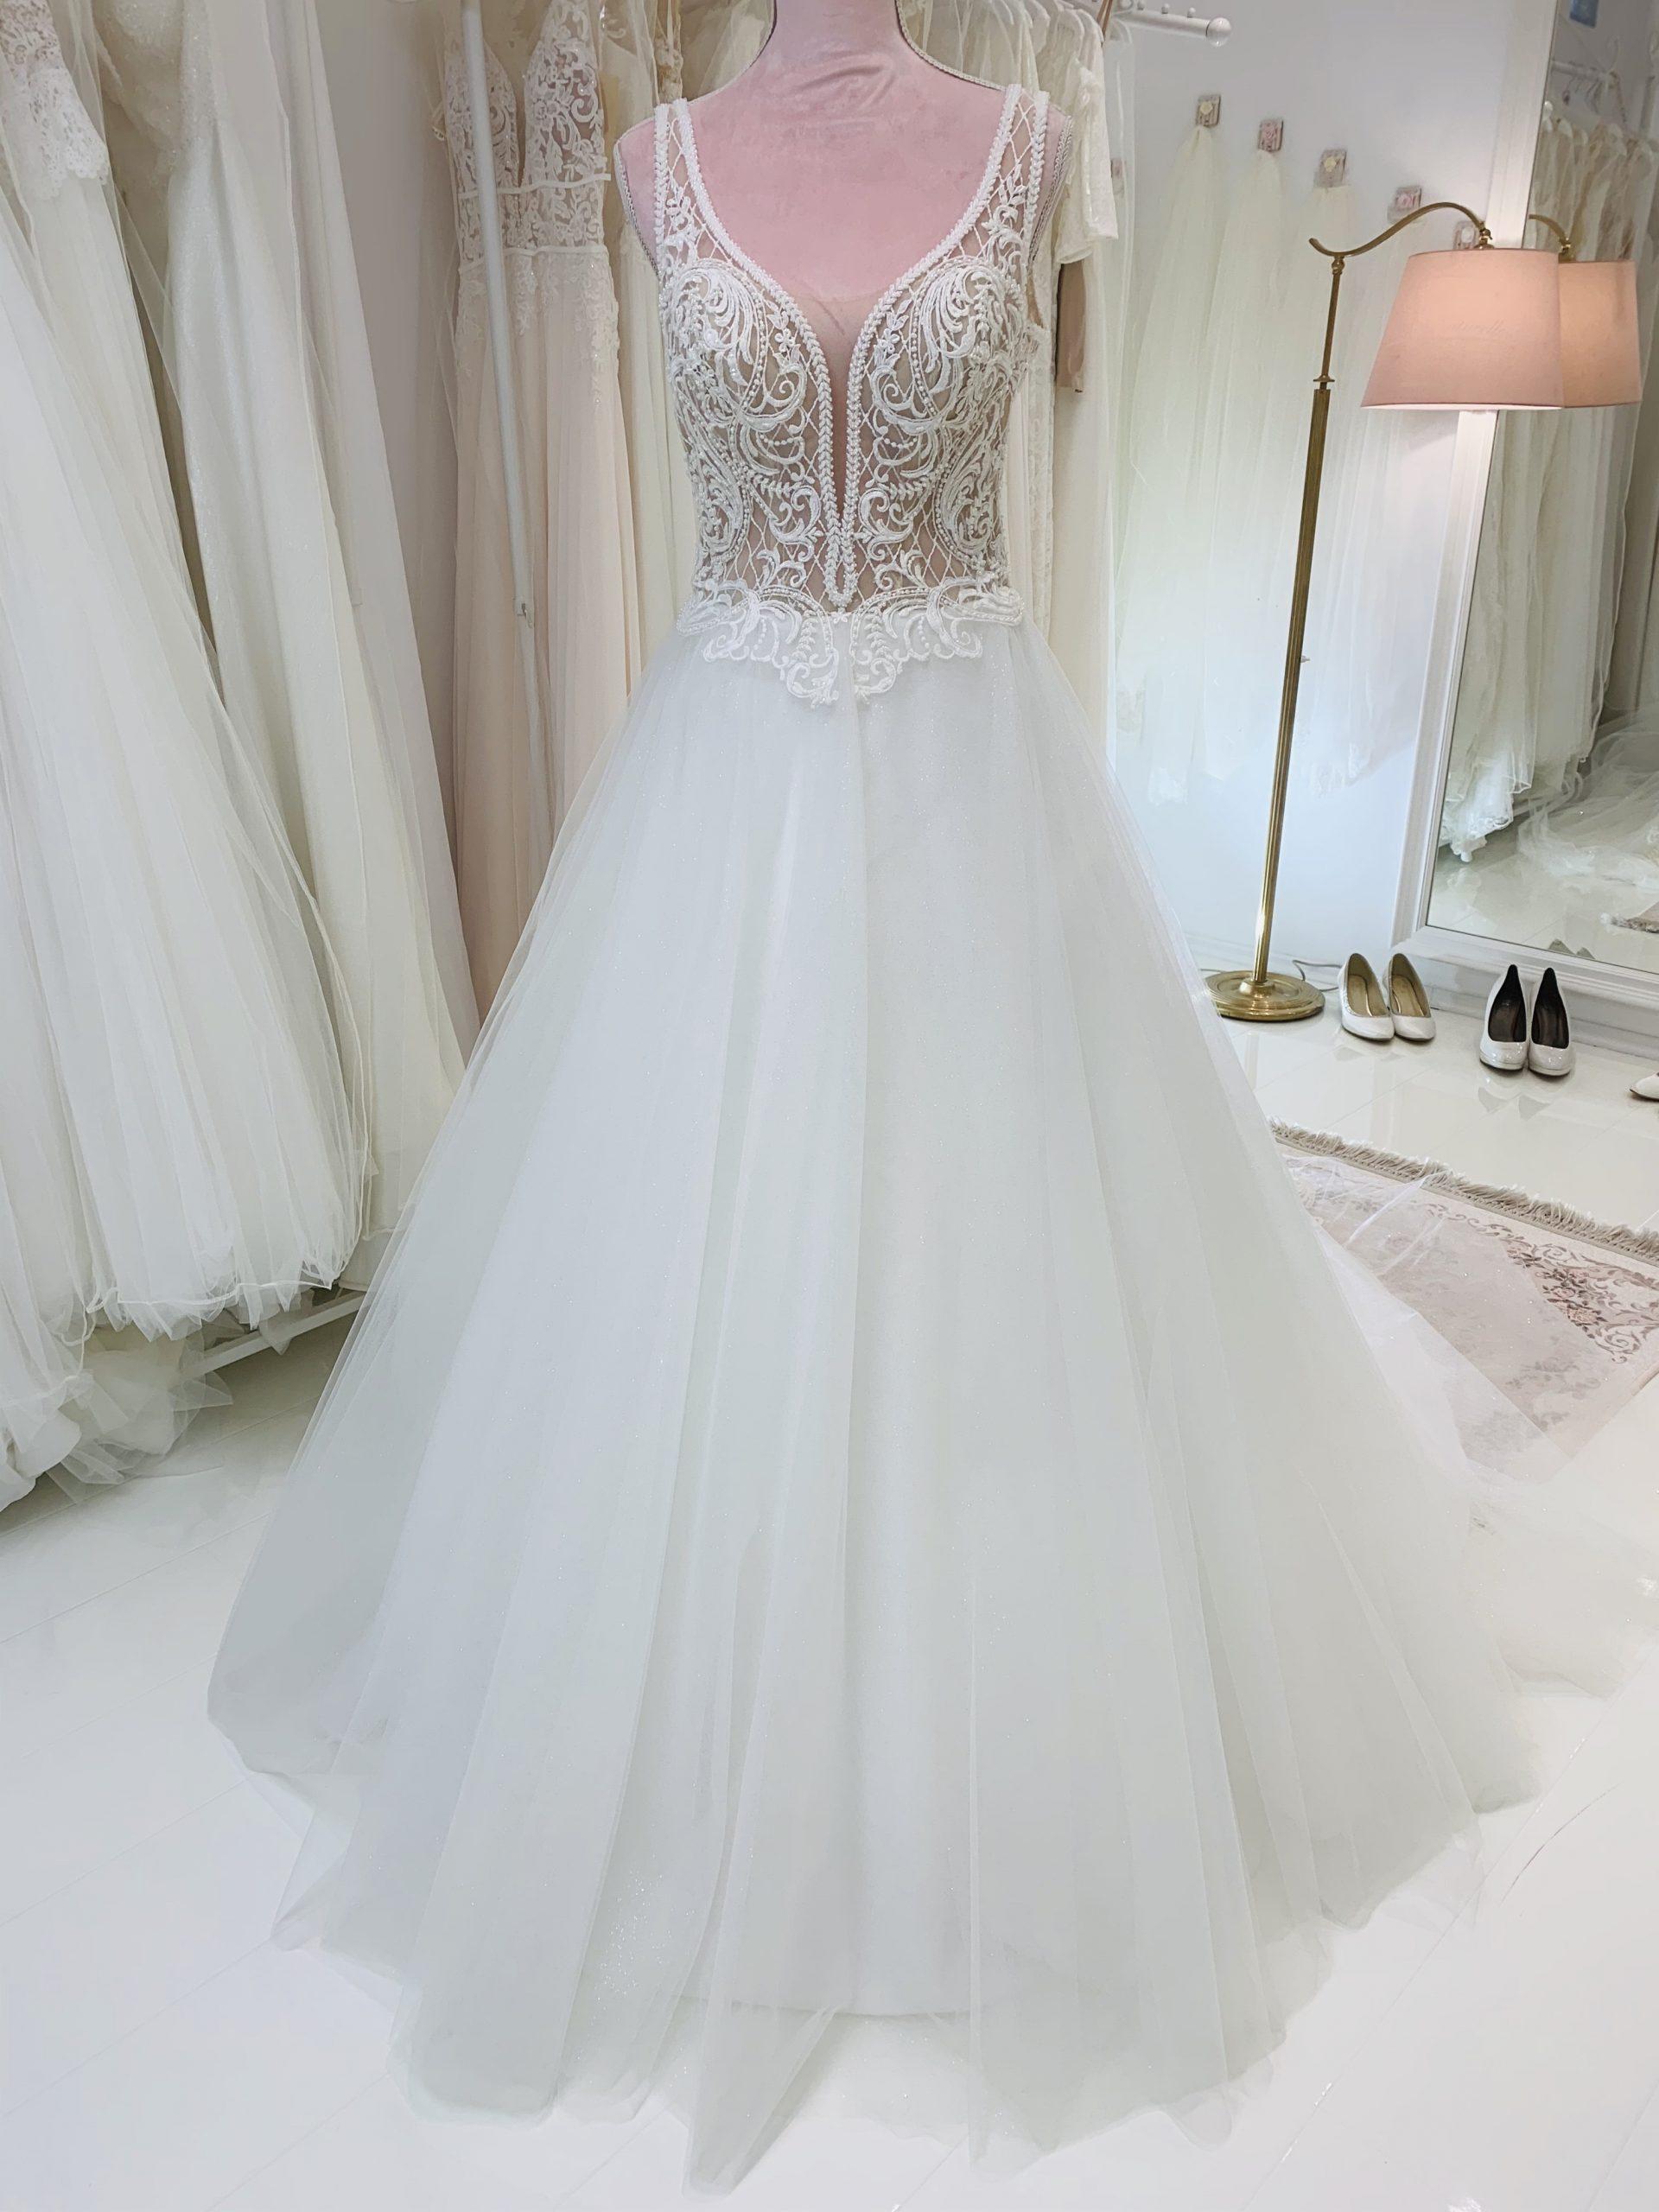 Brautkleid 9 - Vollansicht